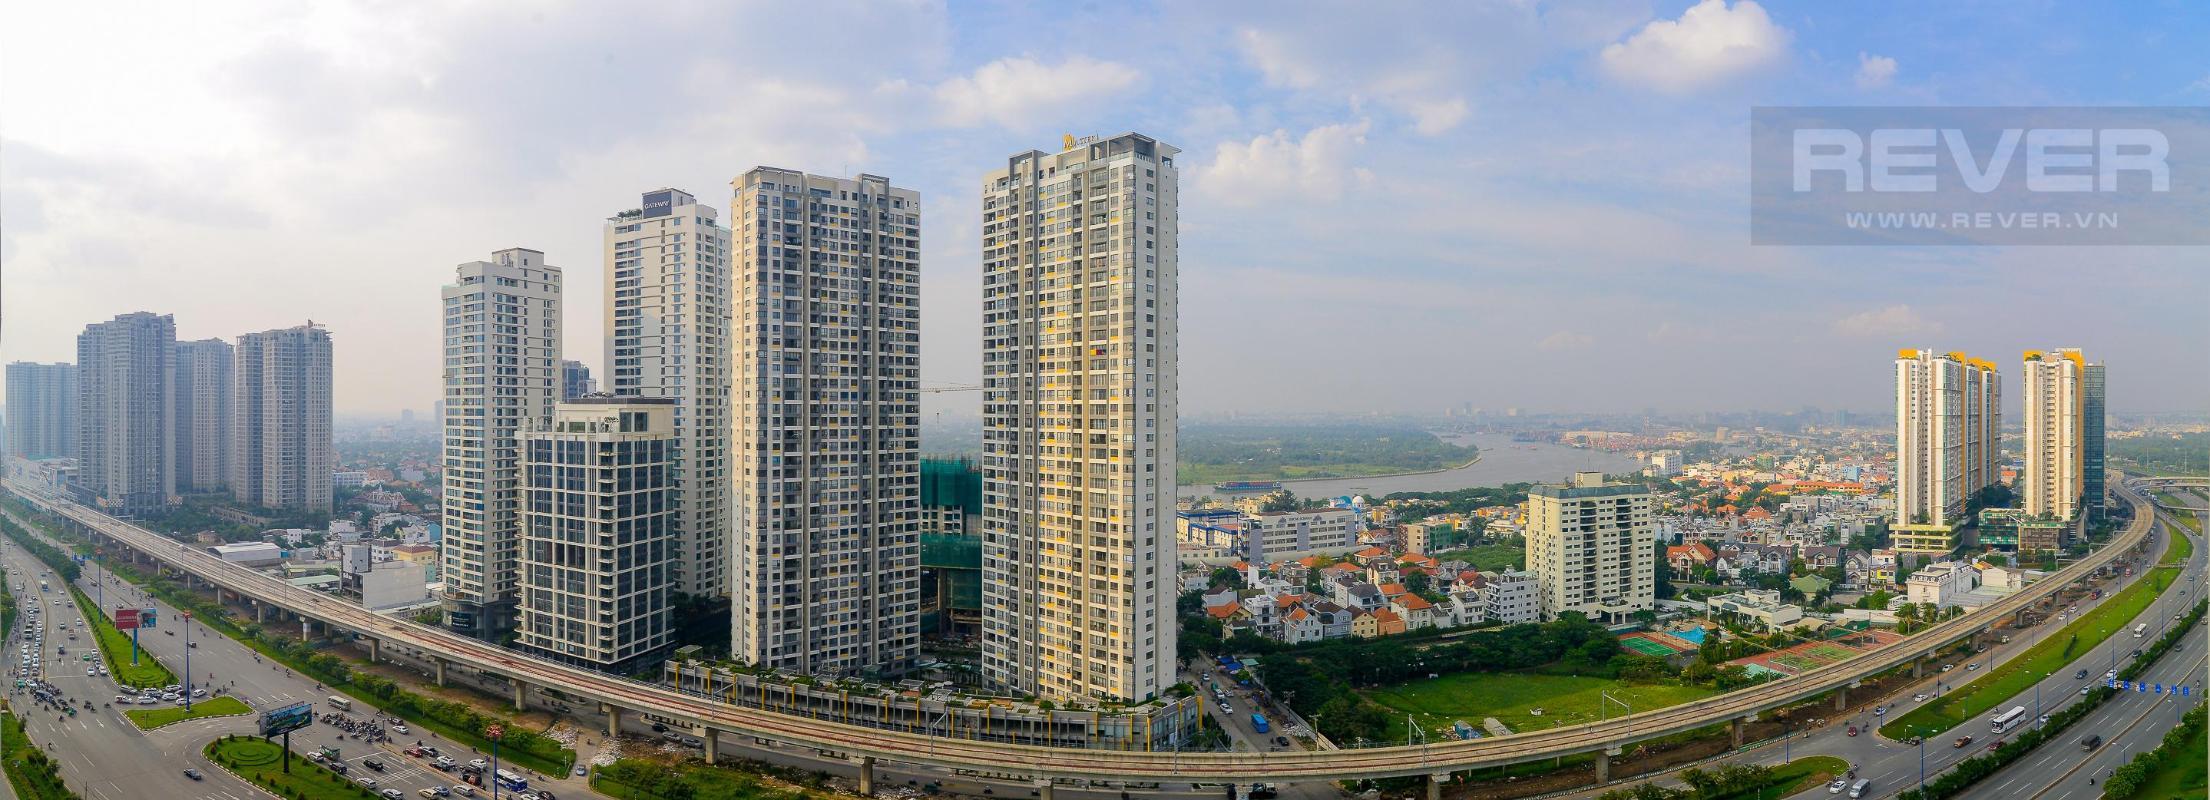 c40fbe2e70a796f9cfb6 Bán căn hộ duplex Estella Heights 3PN, tầng trung, đầy đủ nội thất, view Xa lộ Hà Nội